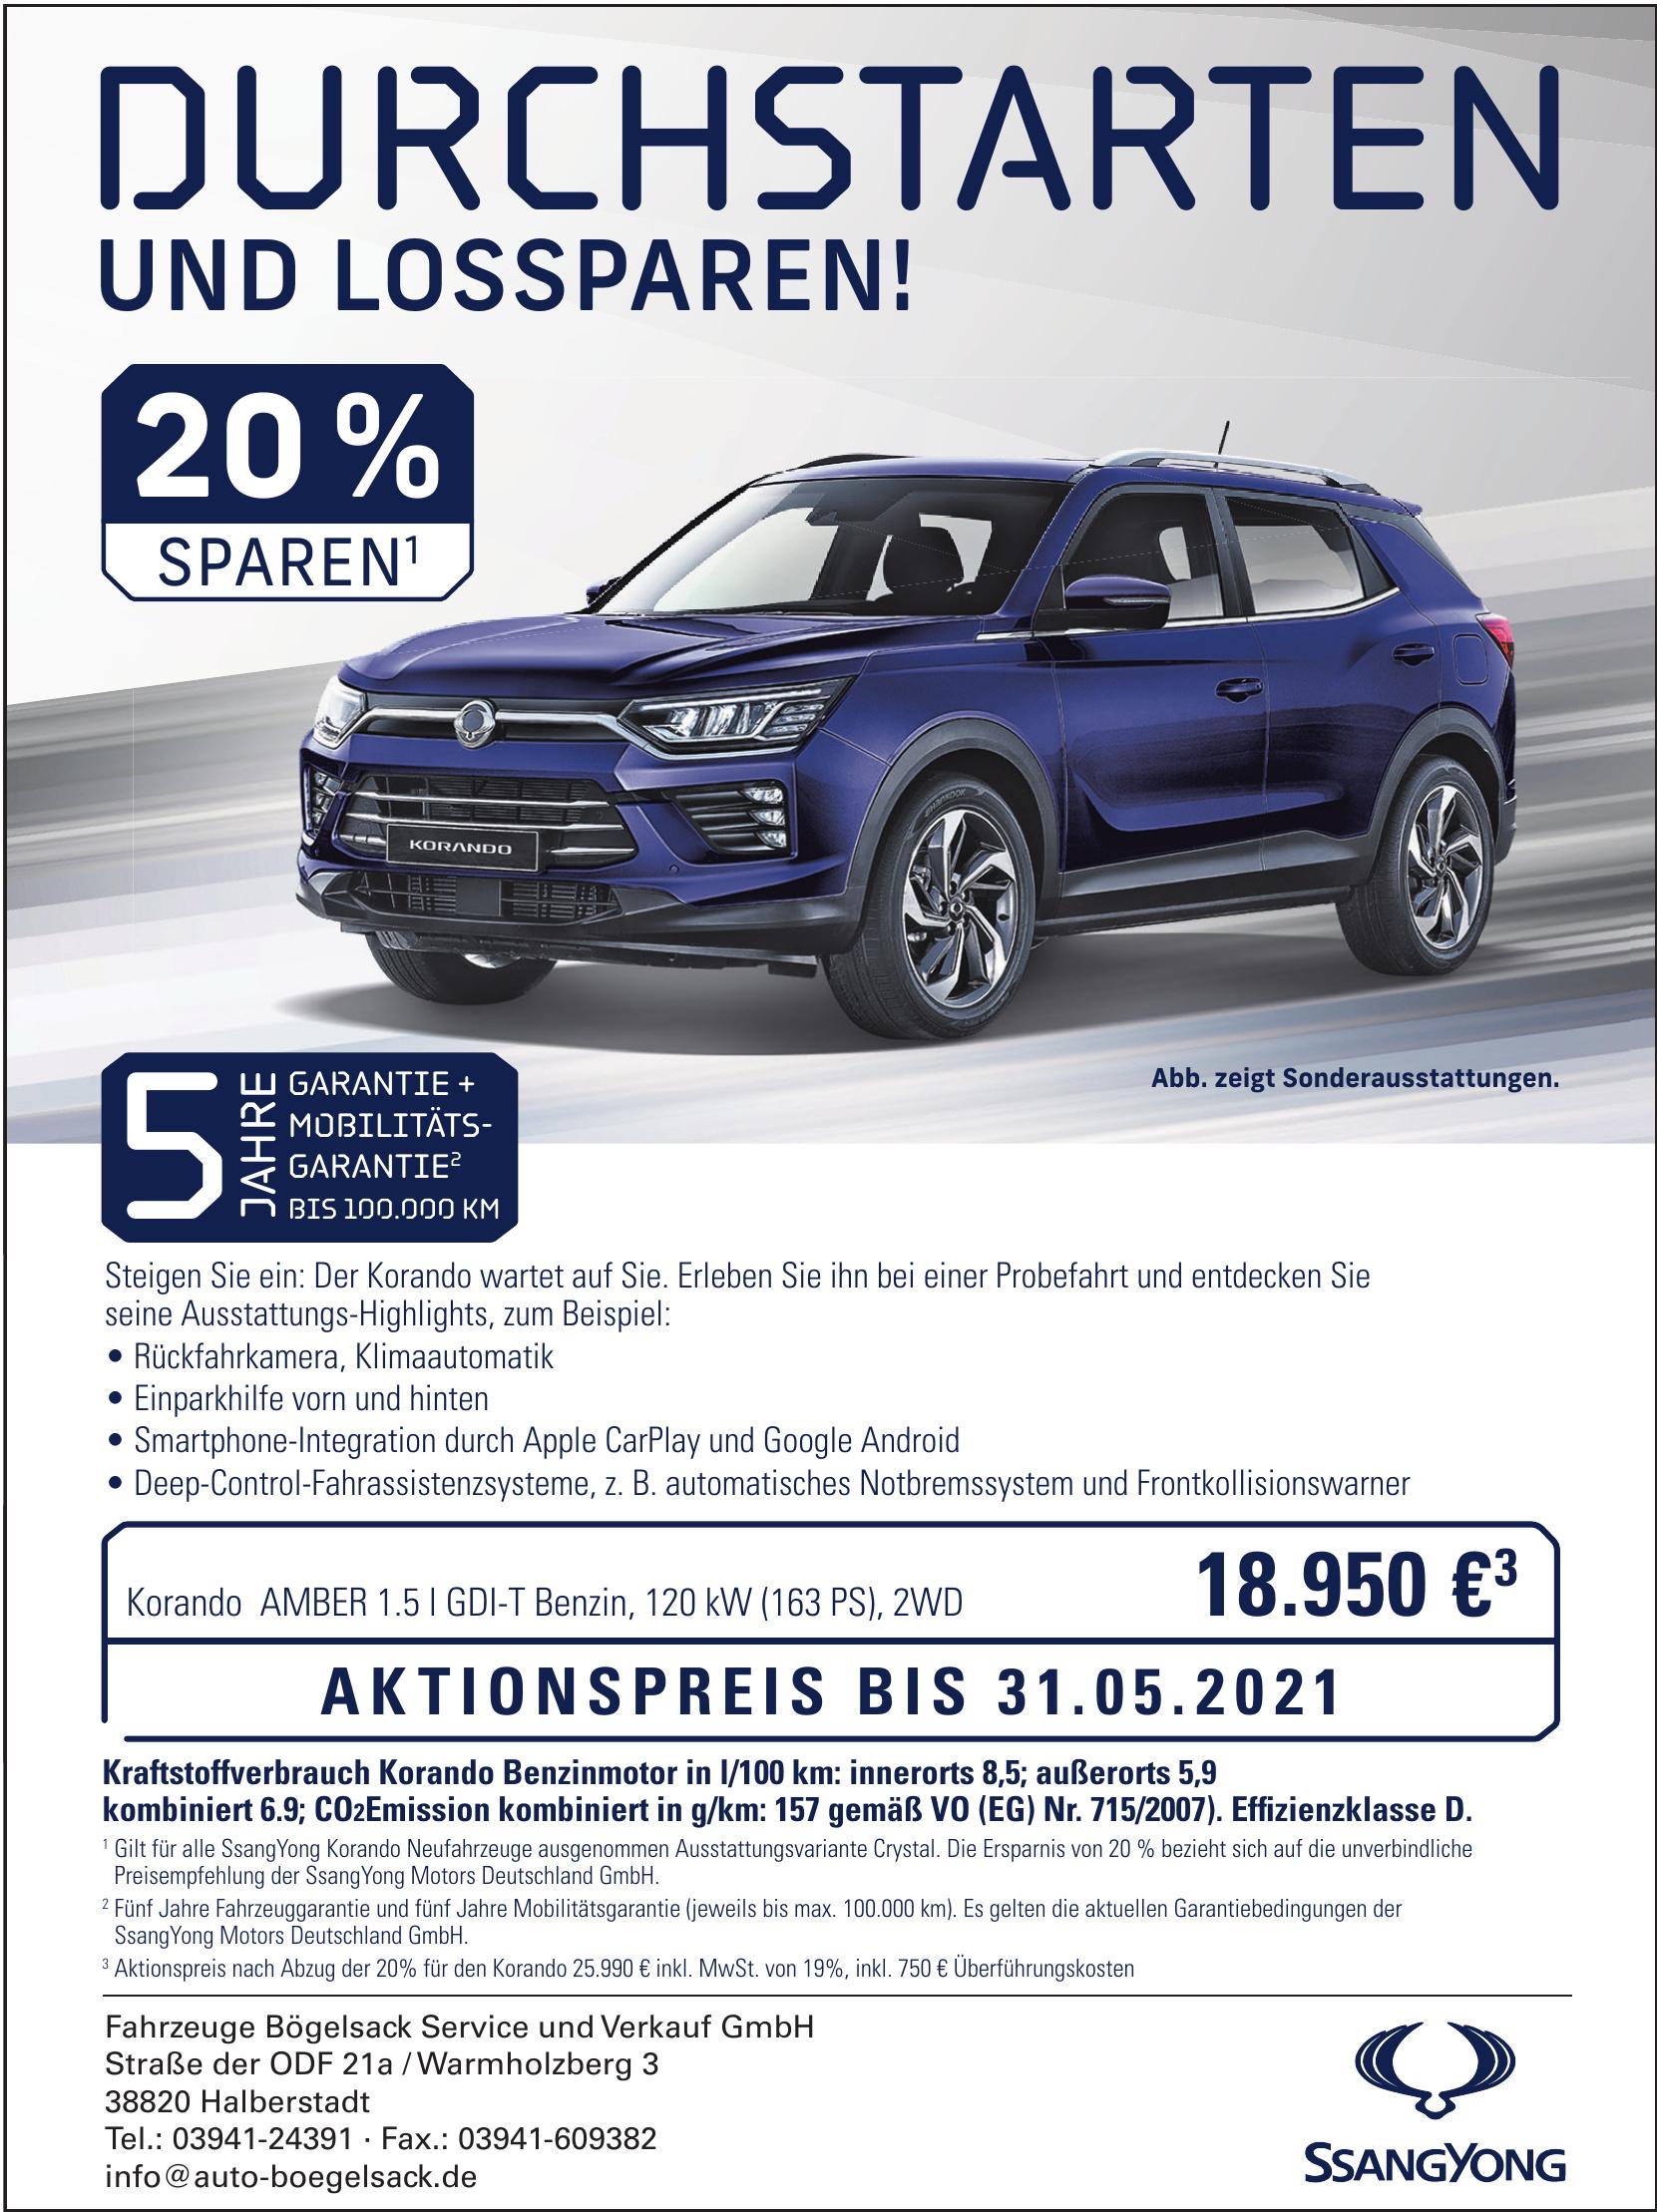 Fahrzeuge Bögelsack Service und Verkauf GmbH